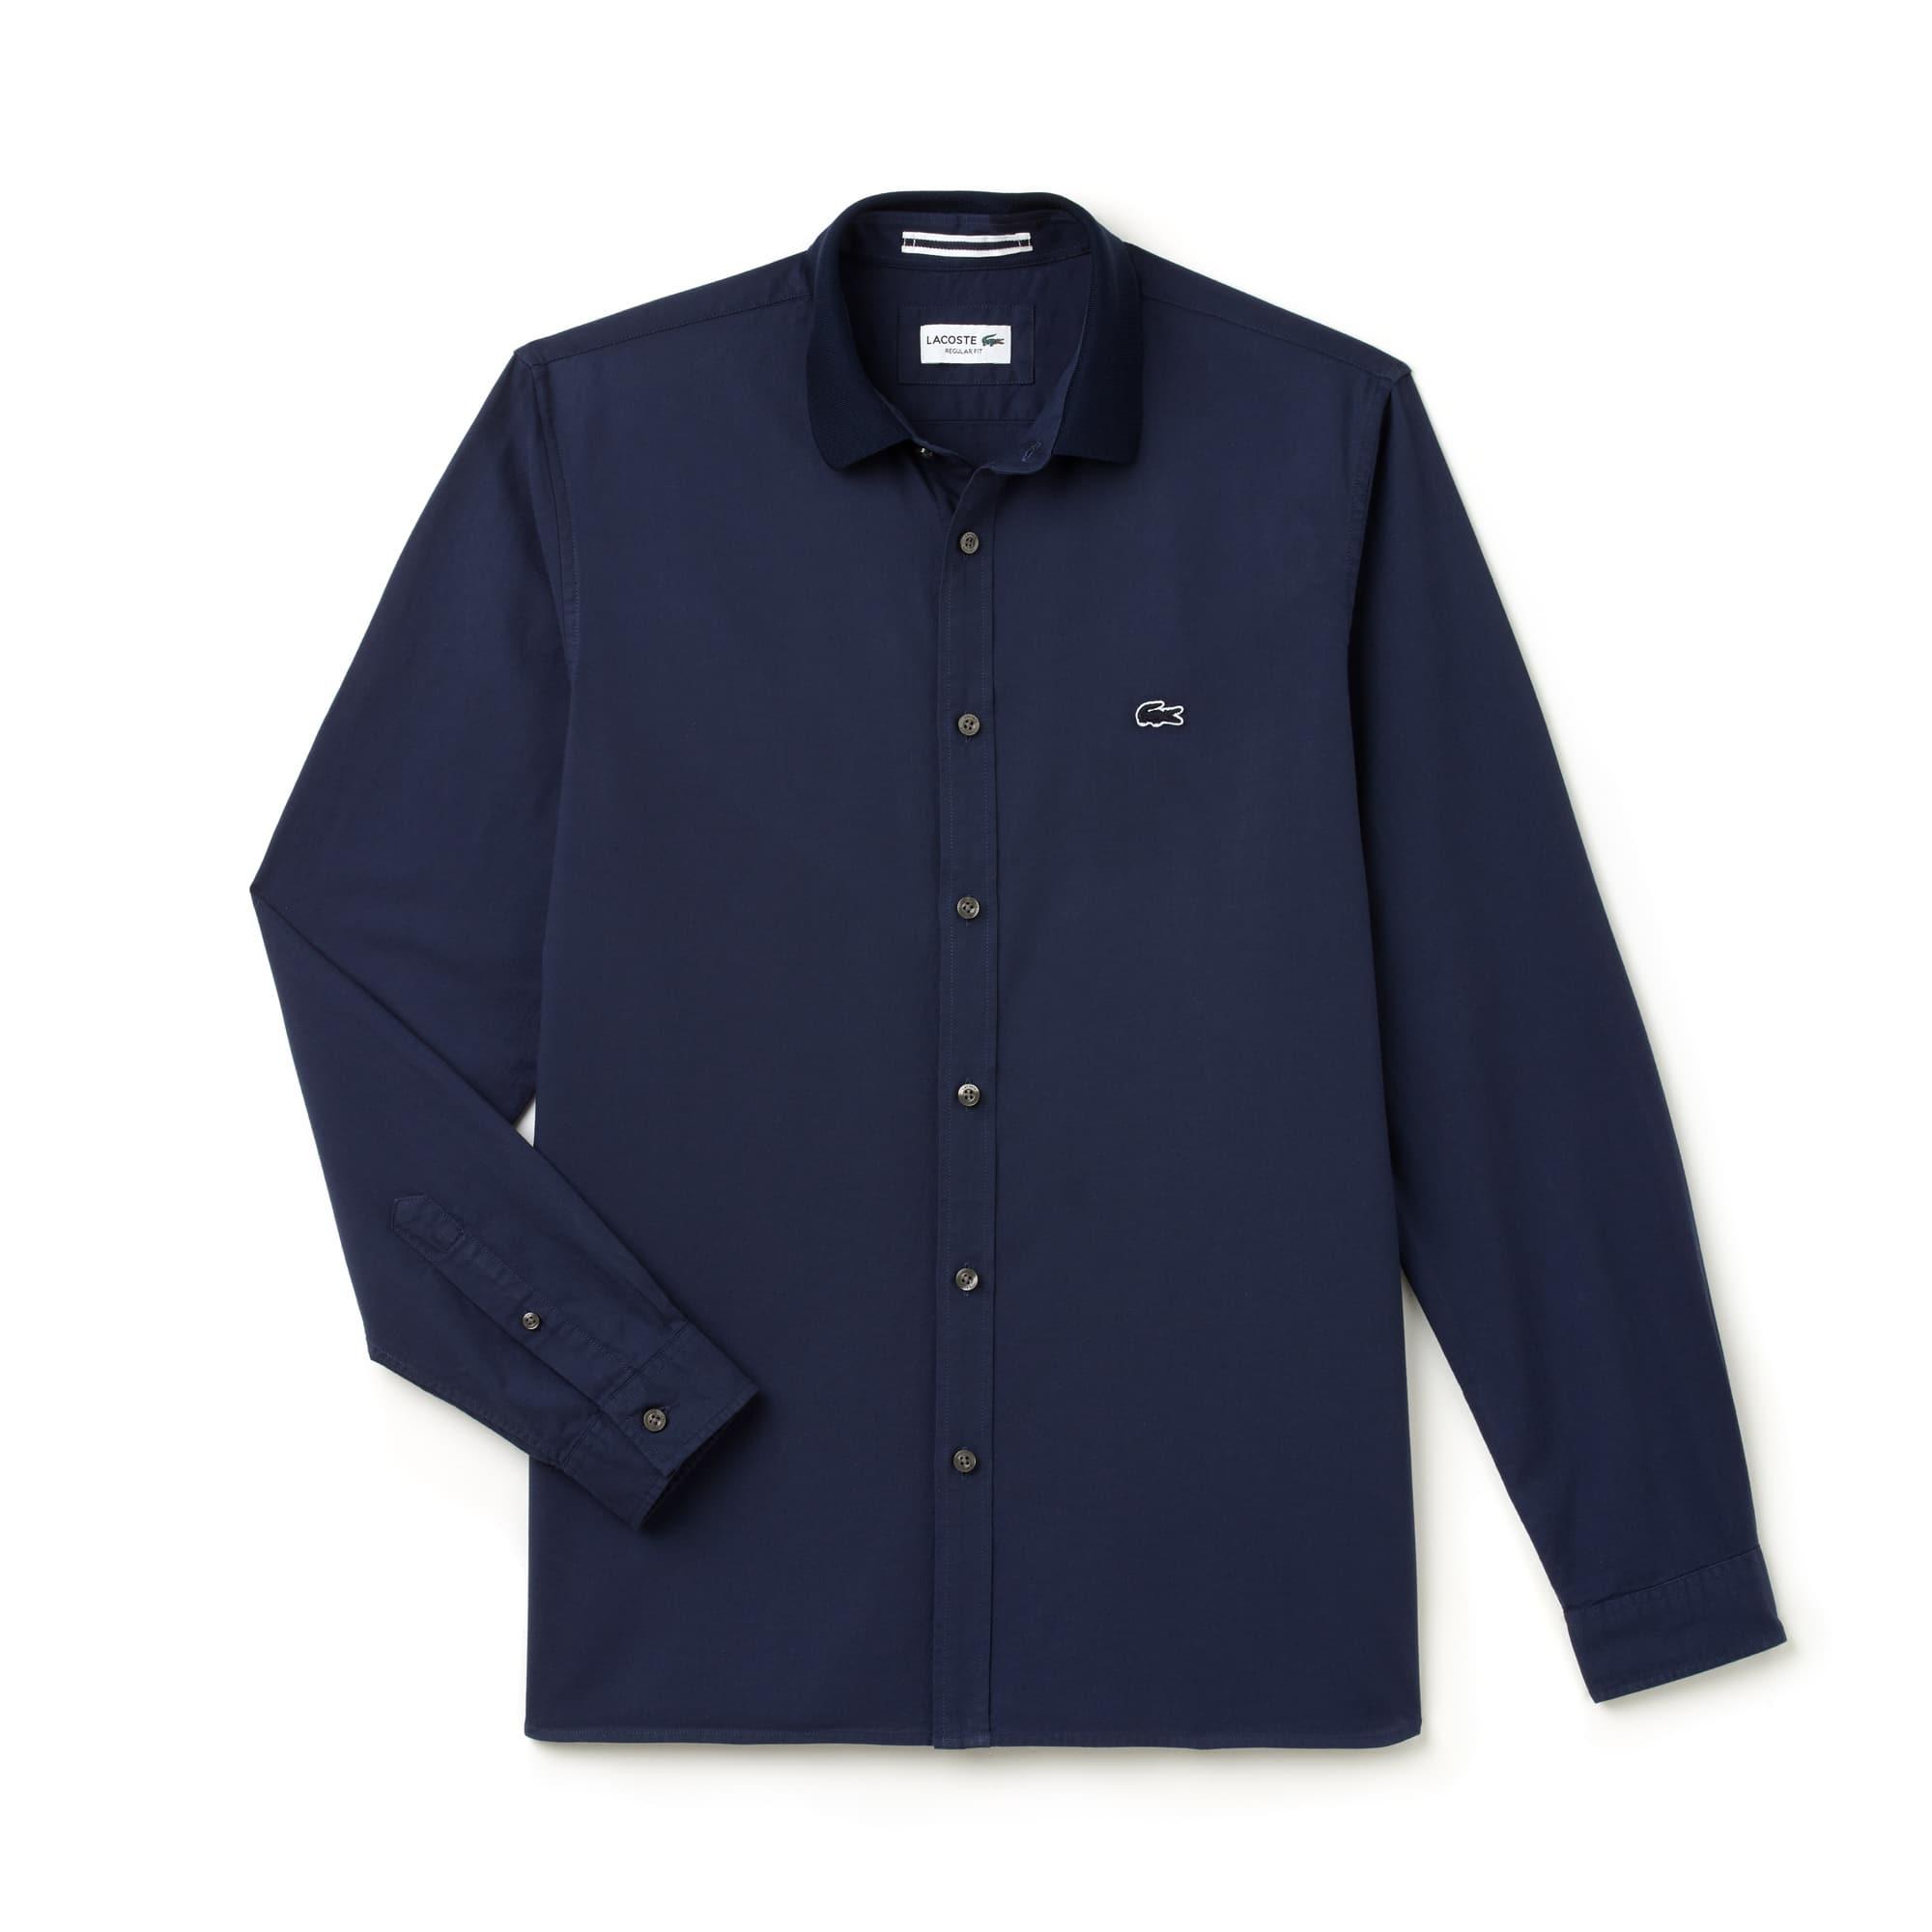 Camisa Regular Fit em algodão Oxford com colarinho canelado